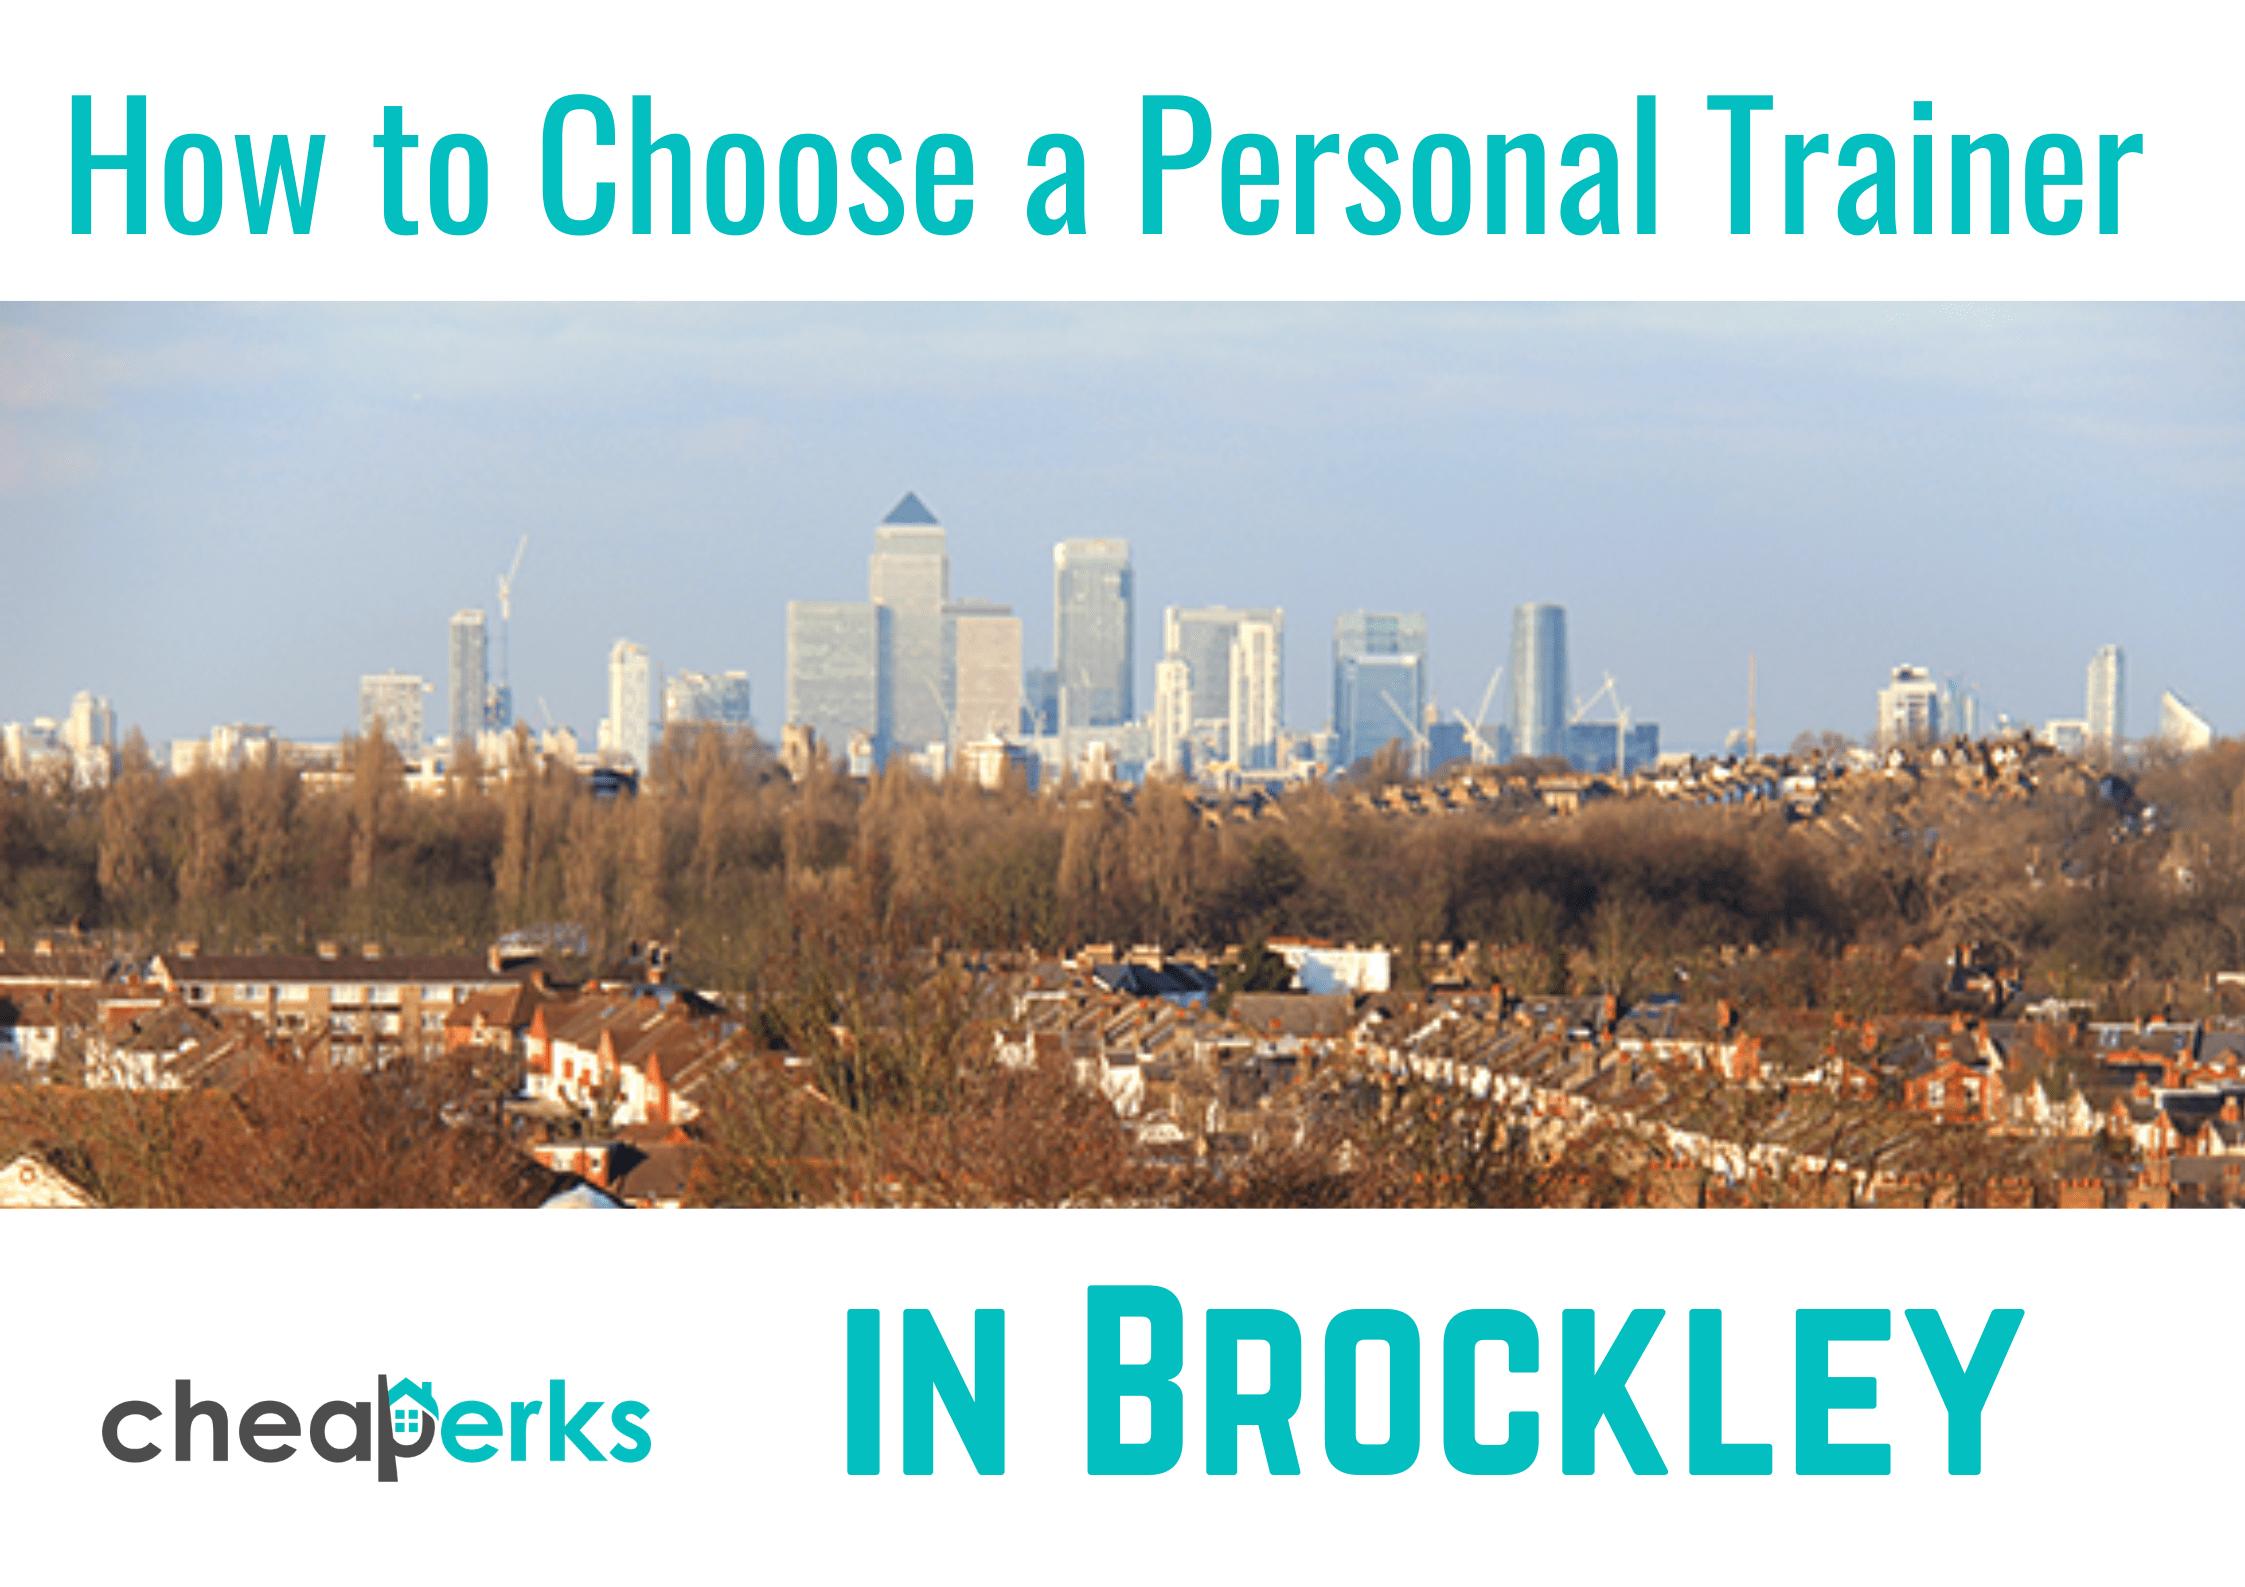 choosing a personal trainer in Brockley